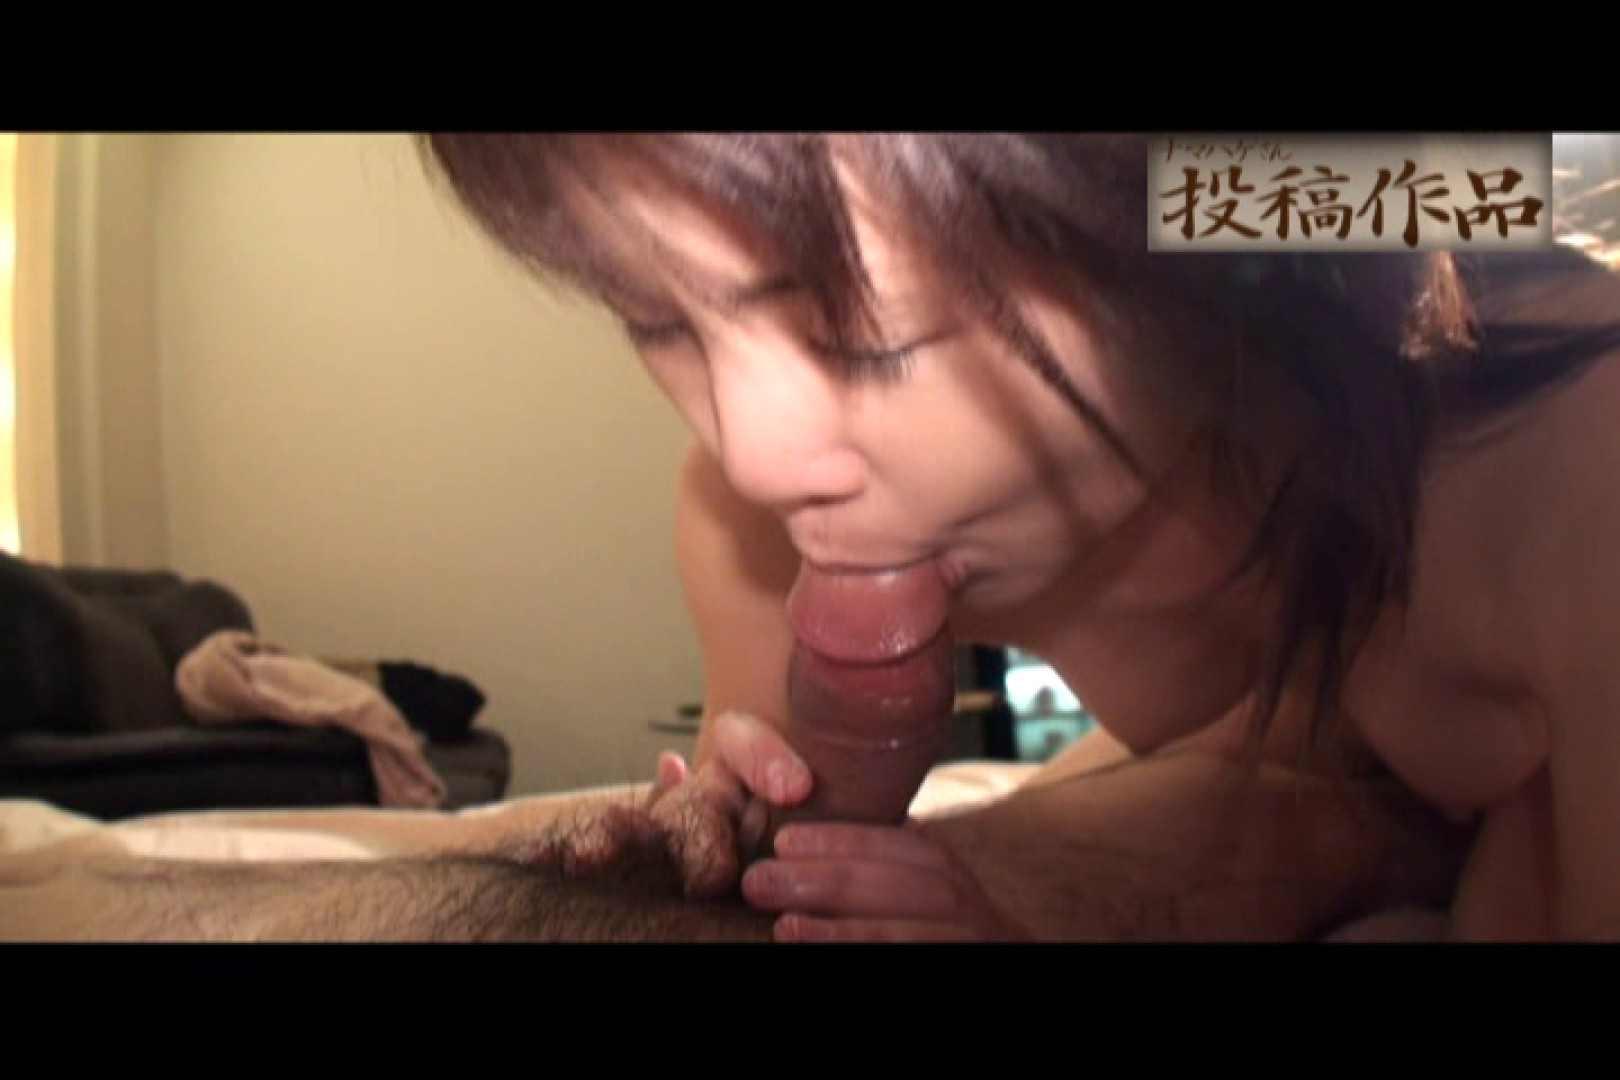 ナマハゲさんのまんこコレクションmayumi02 パイパン映像  106pic 22